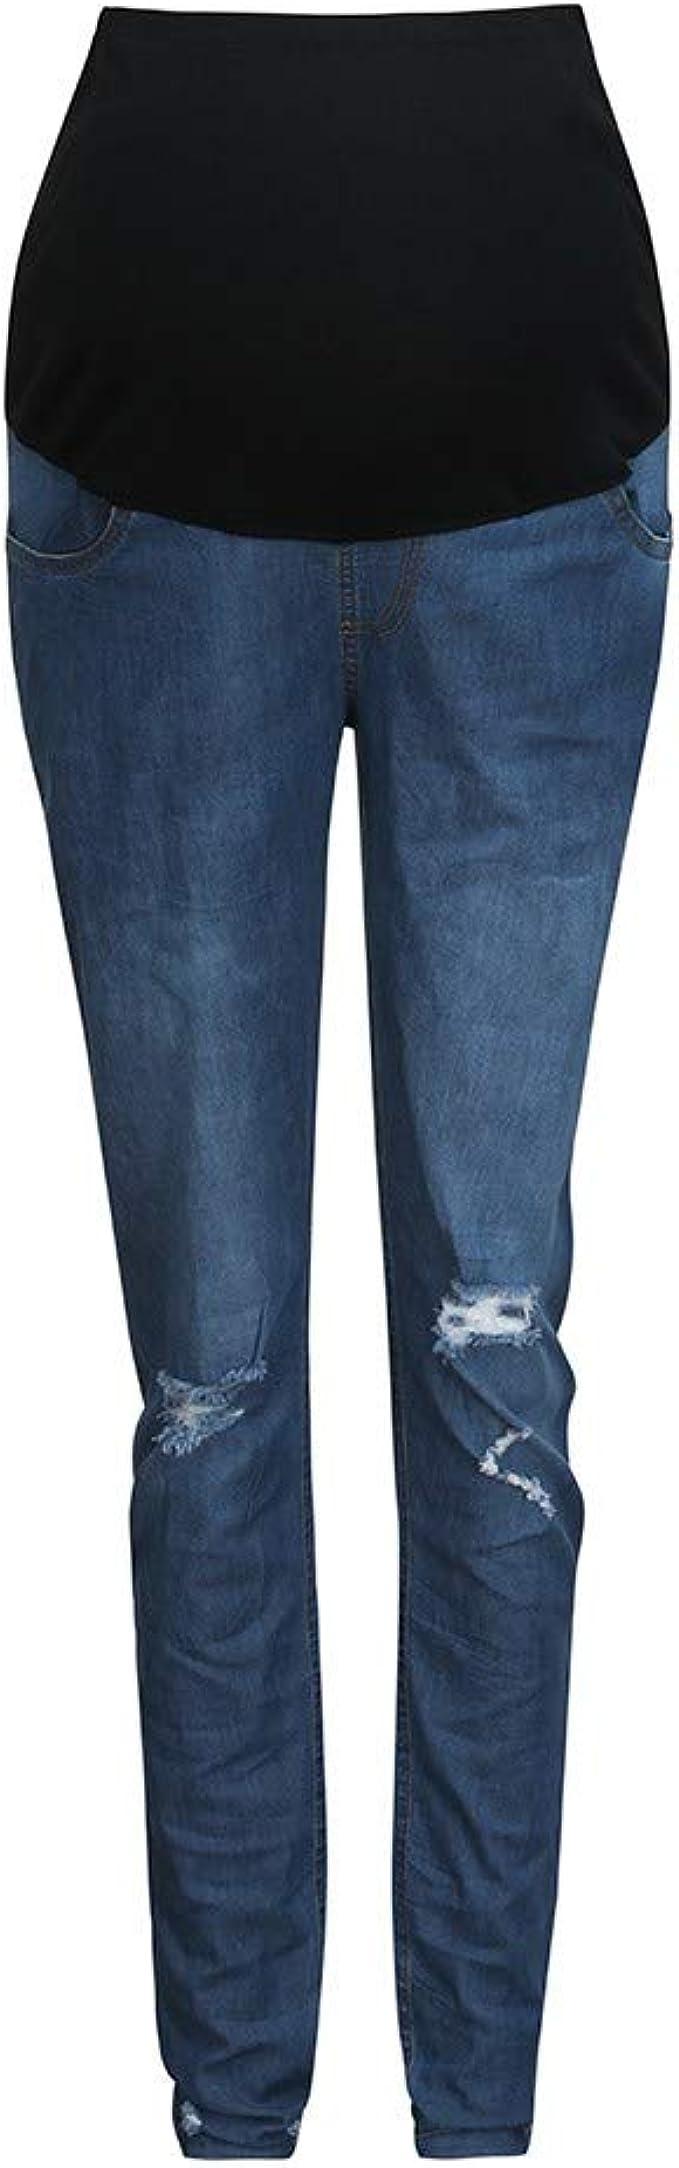 Mujer Embarazada Skinny Pantalones Suave Ajustable Denim Elastico Cuidado Vientre Gucistyle Jeans Maternidad